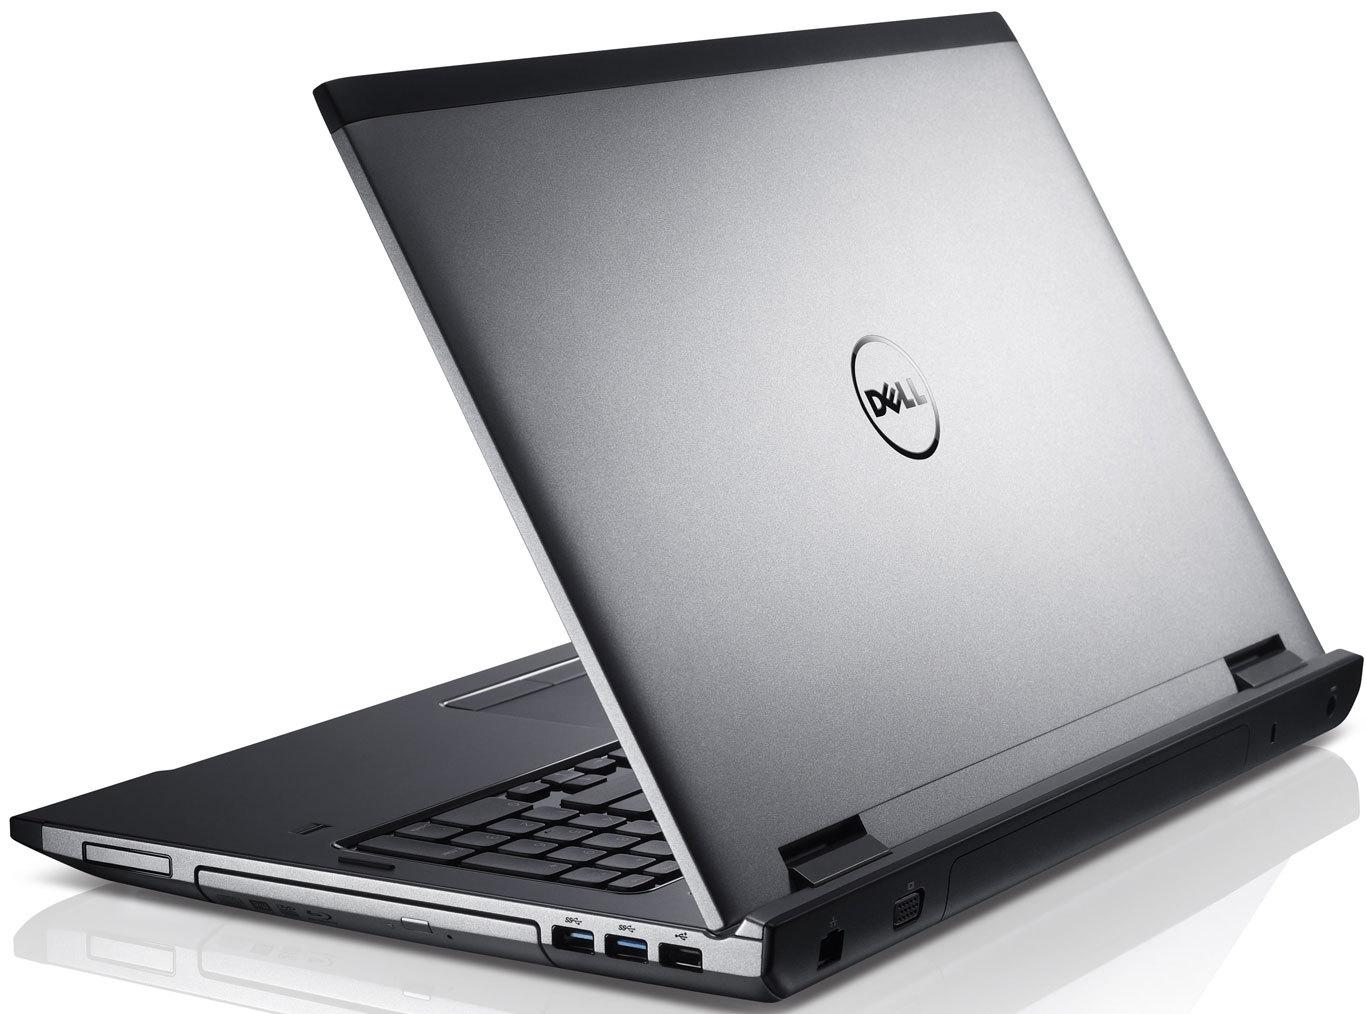 لپ تاپ استوک دل وسترو Dell Vostro 3550